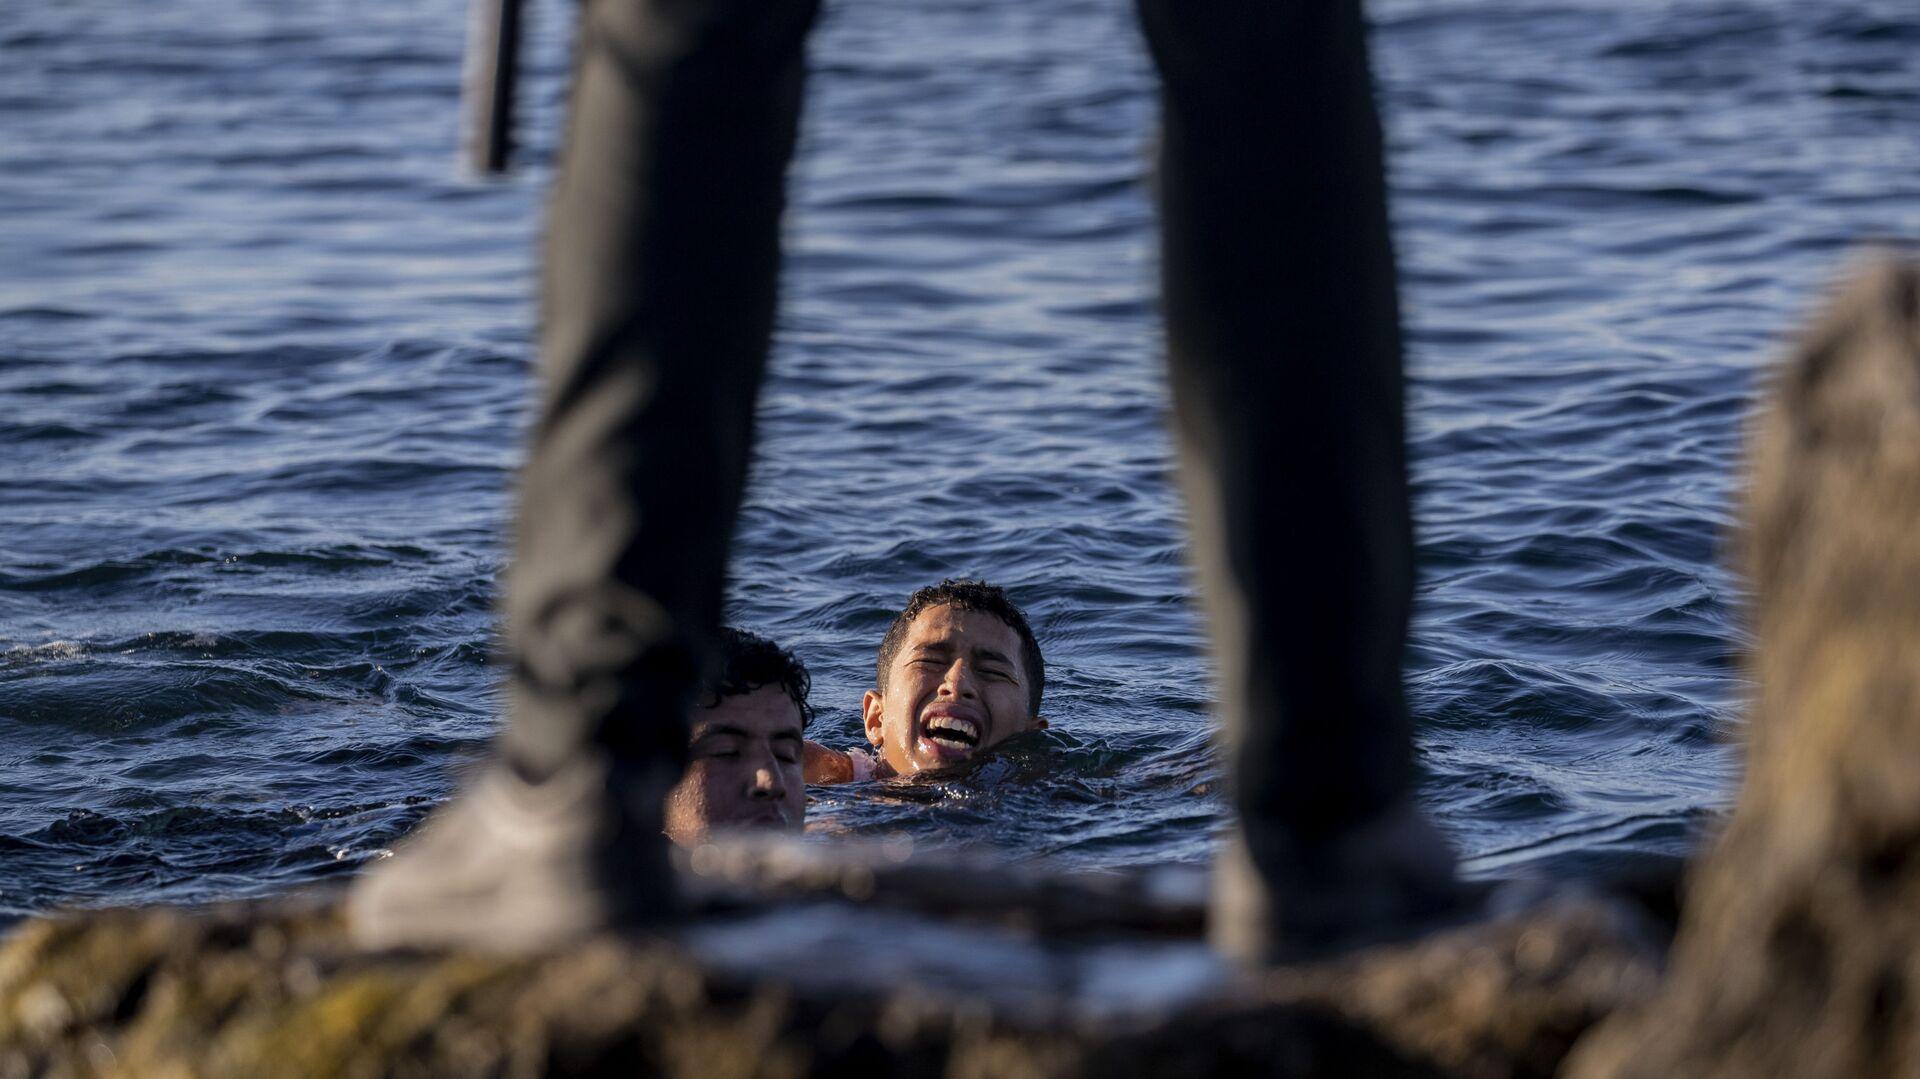 Представитель Испанской гражданской гвардии ожидает мигрантов на берегу в испанском анклаве Сеута, недалеко от границы Марокко и Испании - Sputnik Latvija, 1920, 27.05.2021